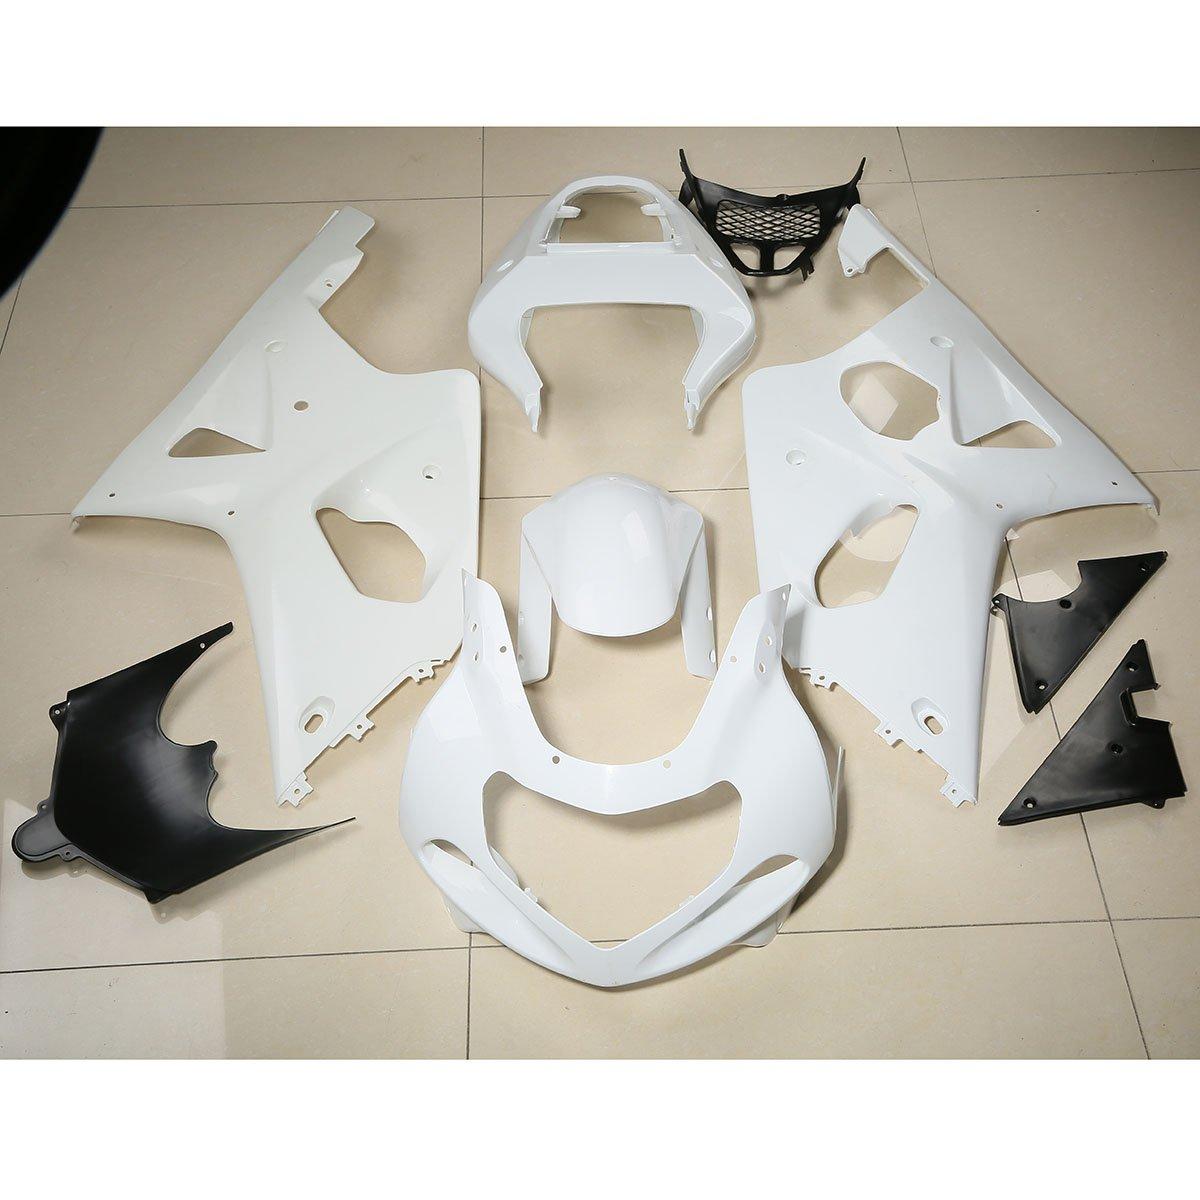 XMT-MOTO Injection Unpainted ABS Fairing Bodywork Kit For Suzuki GSXR1000 2000 2001 2002